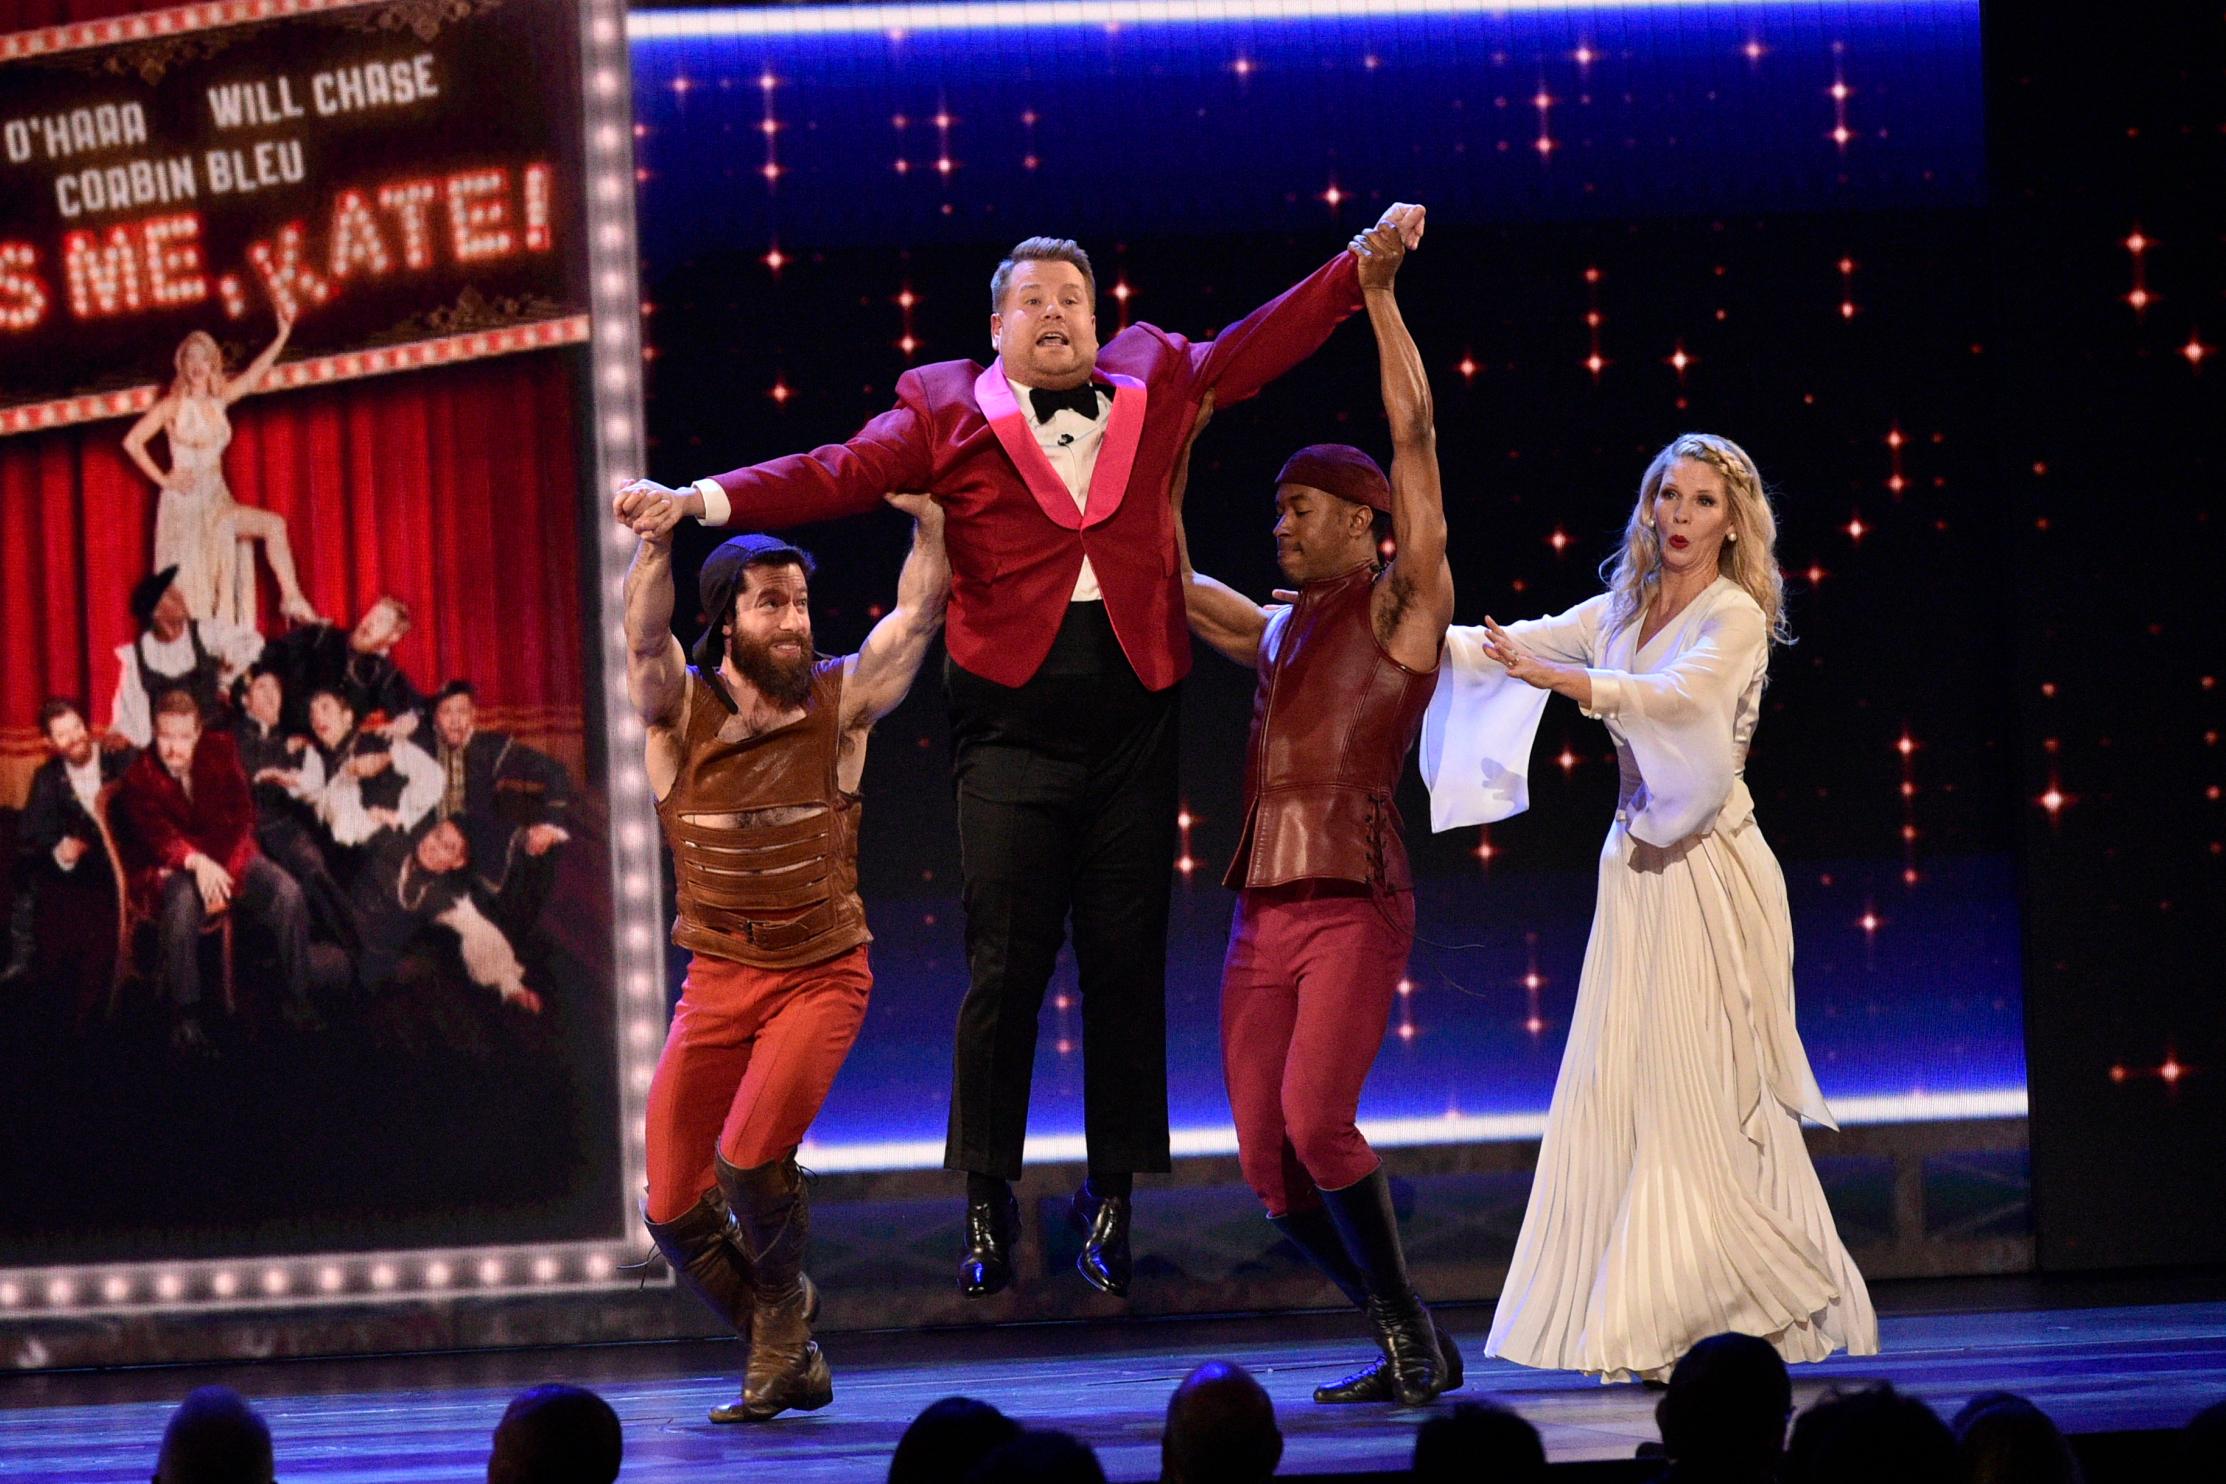 Tony Awards Stanley Cup Nielsen ratings CBS James Corden NBC